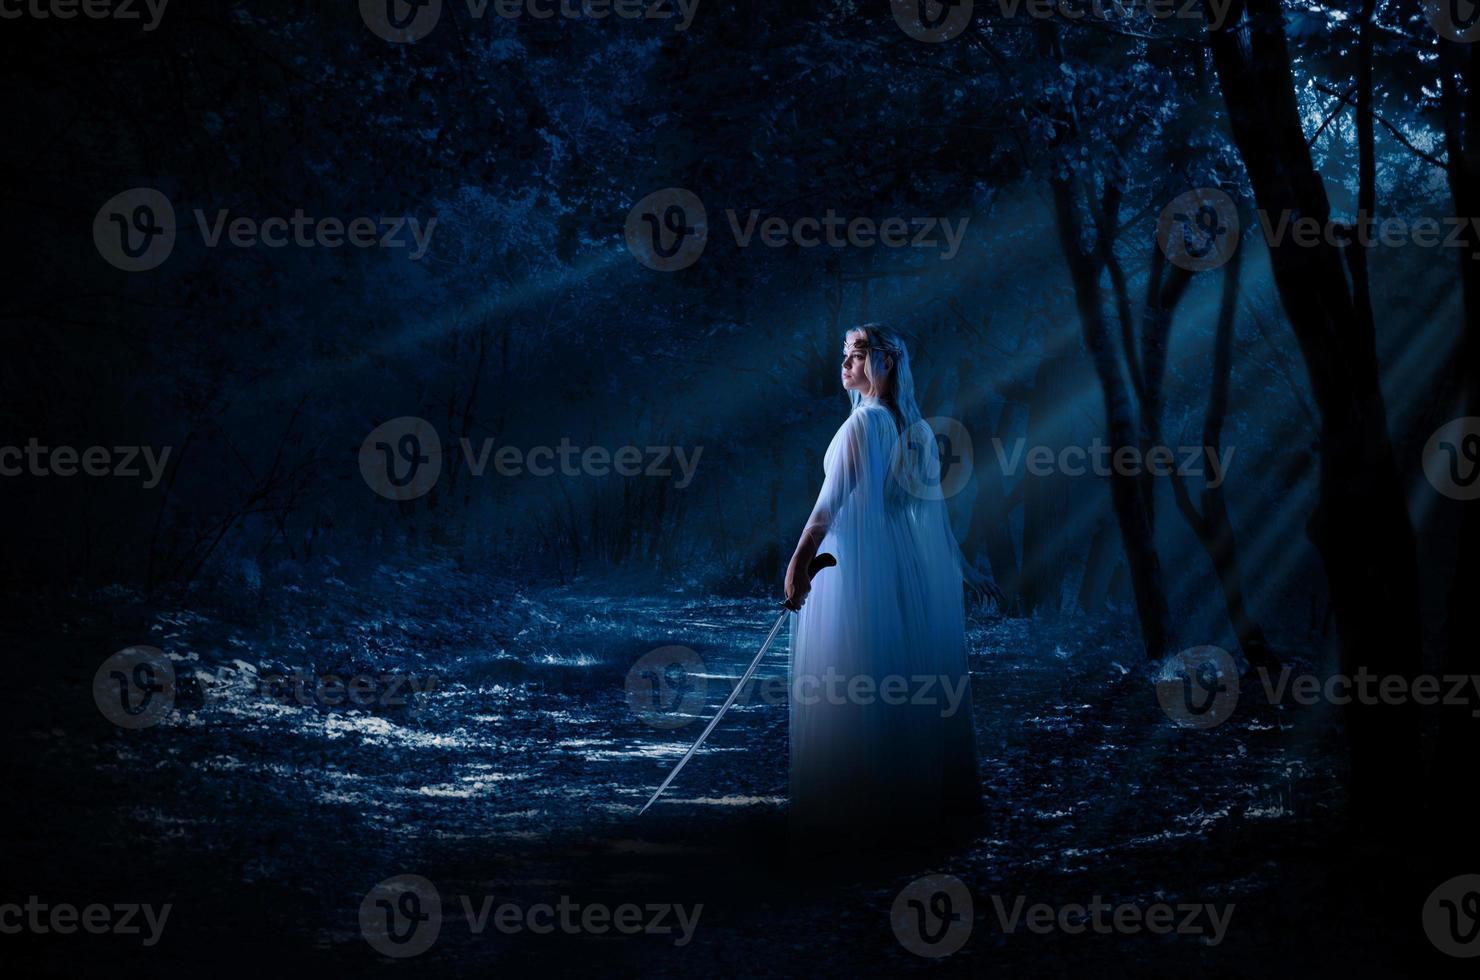 menina élfica com espada na floresta à noite foto